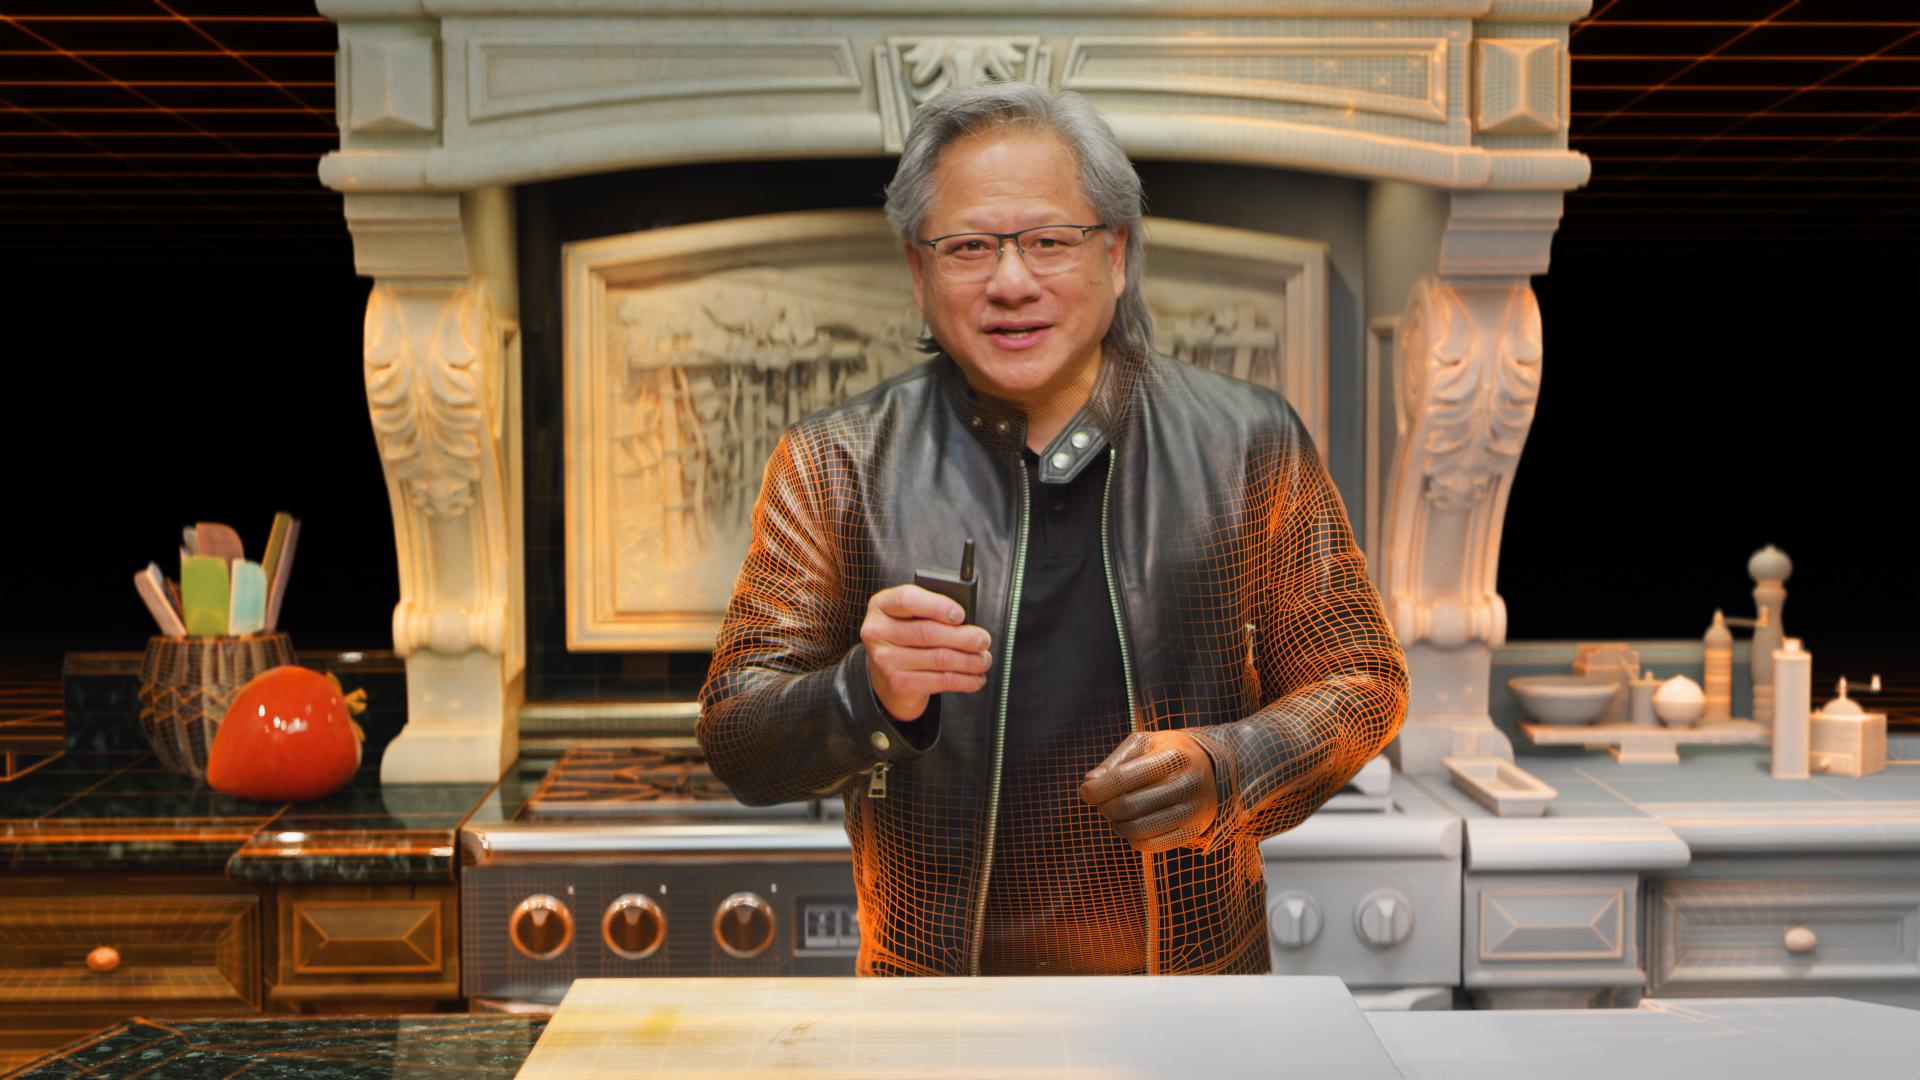 Nvidia trollt uns alle: CGI-Chef moderiert GTC – und niemand merkt es